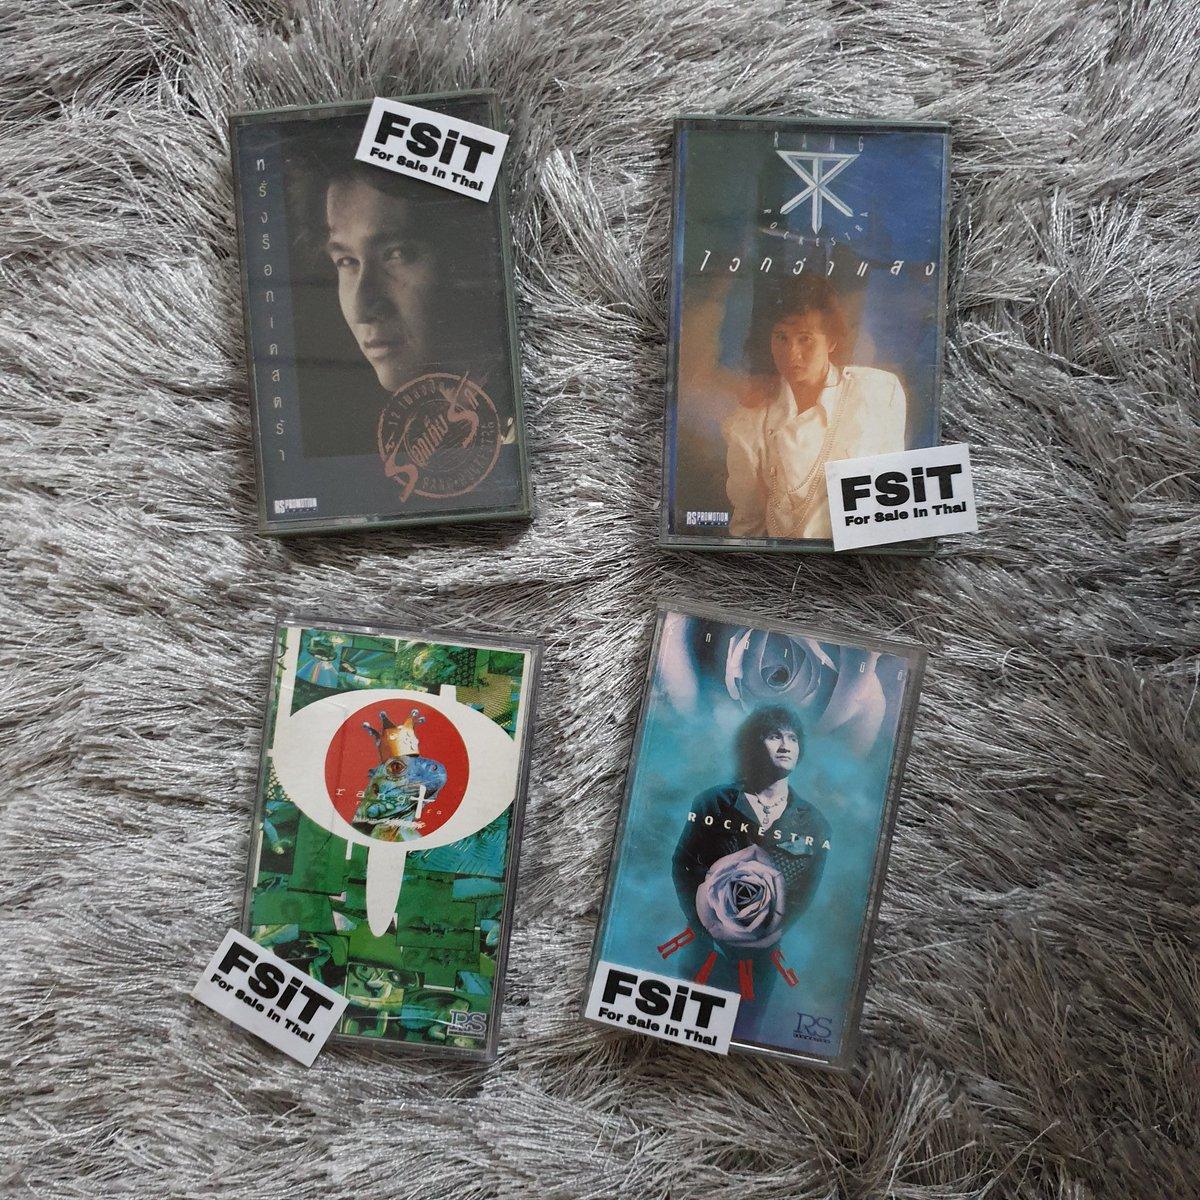 หรั่ง ร็อกเคสตร้า 4อัลบั้ม .  สนใจสอบถาม inbox  #หรั่งร็อคเคสตร้า #rangrockestra #รักเธอจริง #รักเธอประเทศไทย #เทปเพลง #เทปเพลงสะสม #เทปมือ2 #เด็กเทป #ยุค90s #cassettetapes #เทปคาสเซ็ท #เทปเพลงไทย #forsaleinthai #fsitmusic #thaisong #90skid #thaimusicpic.twitter.com/WqwqOZxyxc